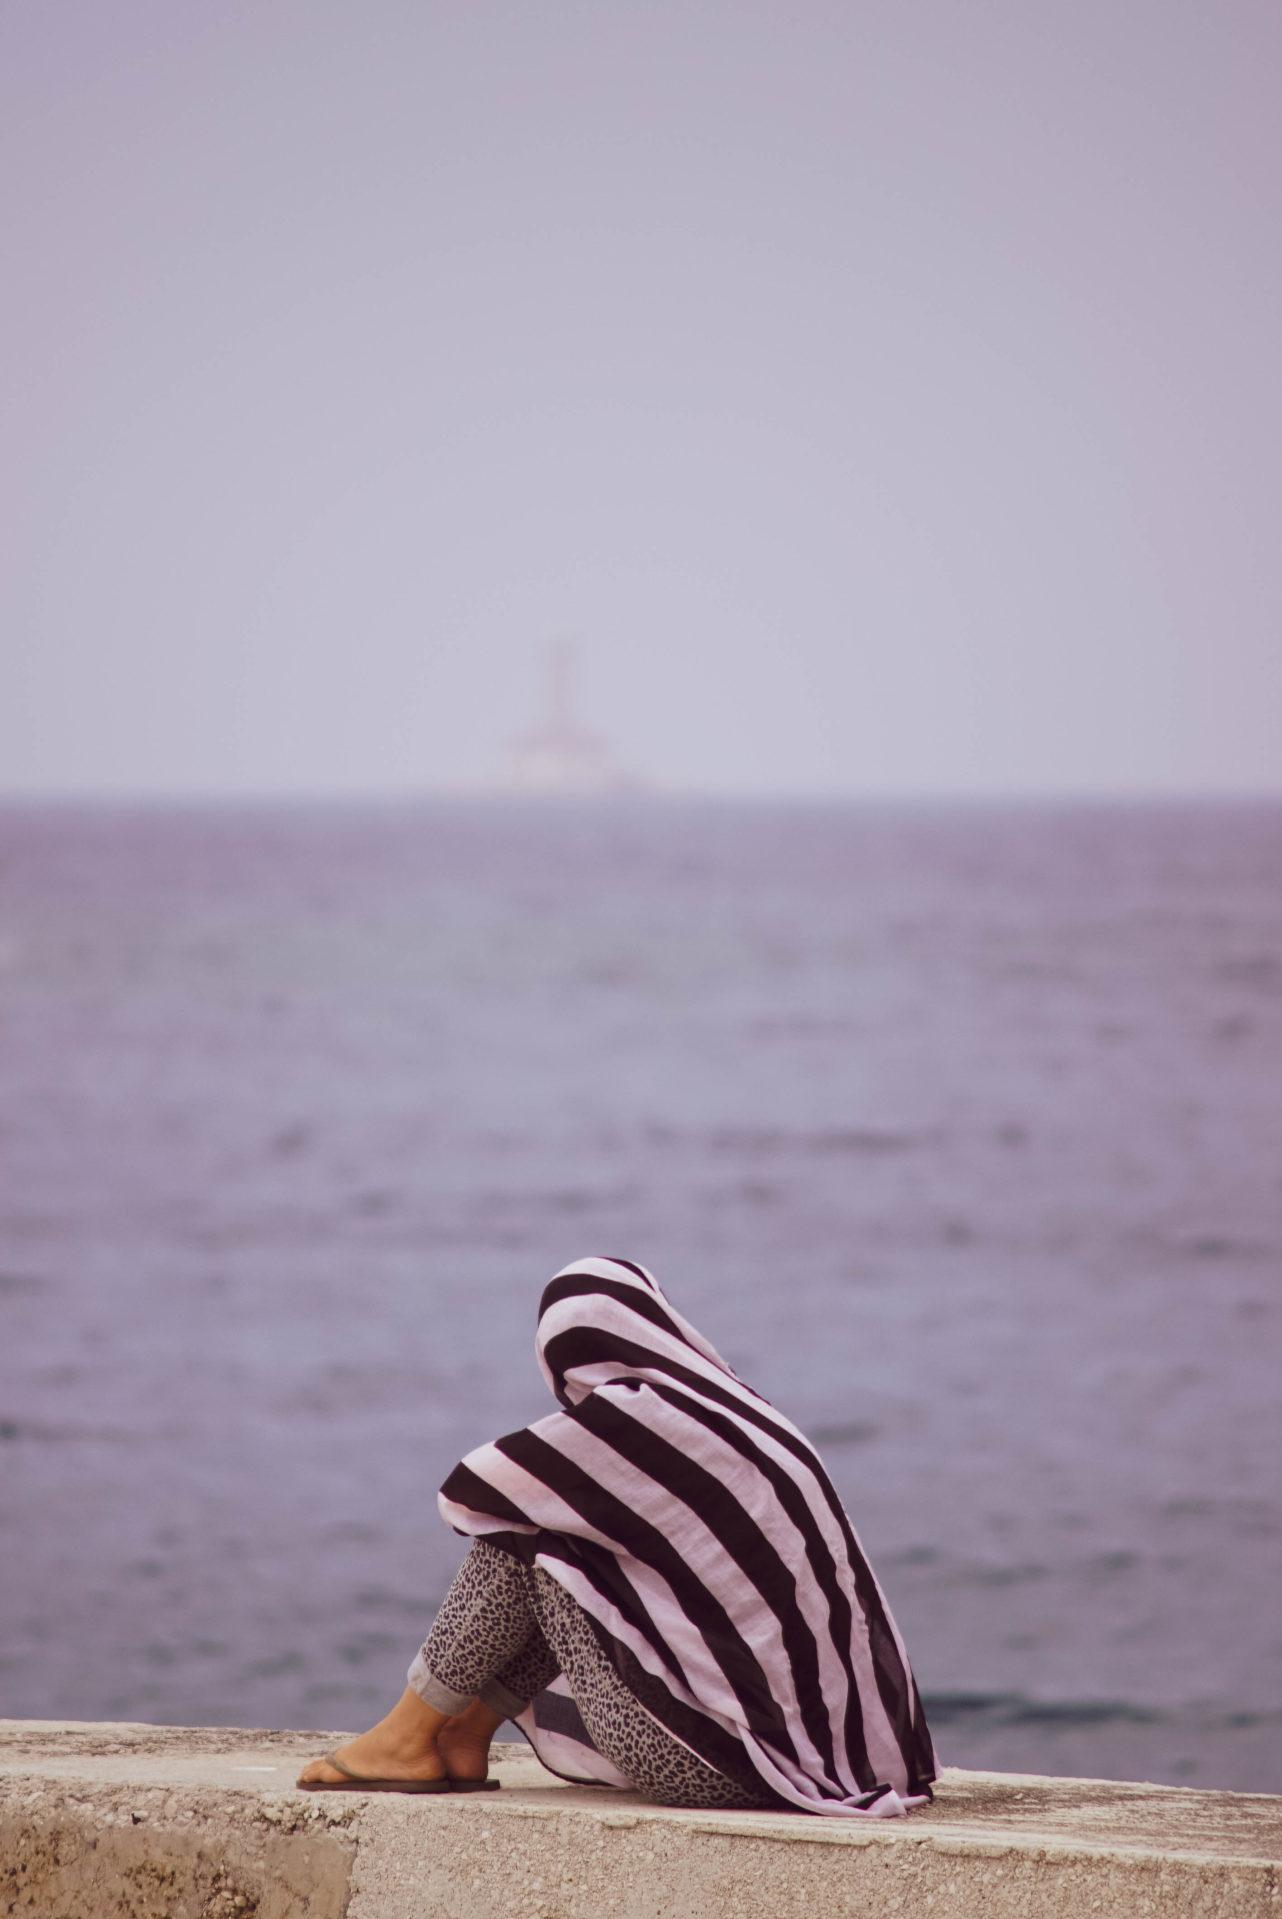 Lea sitzt auf einer Mole blickt aufs Meer und hat sich ein Tuch um Kopf und Körper gelegt